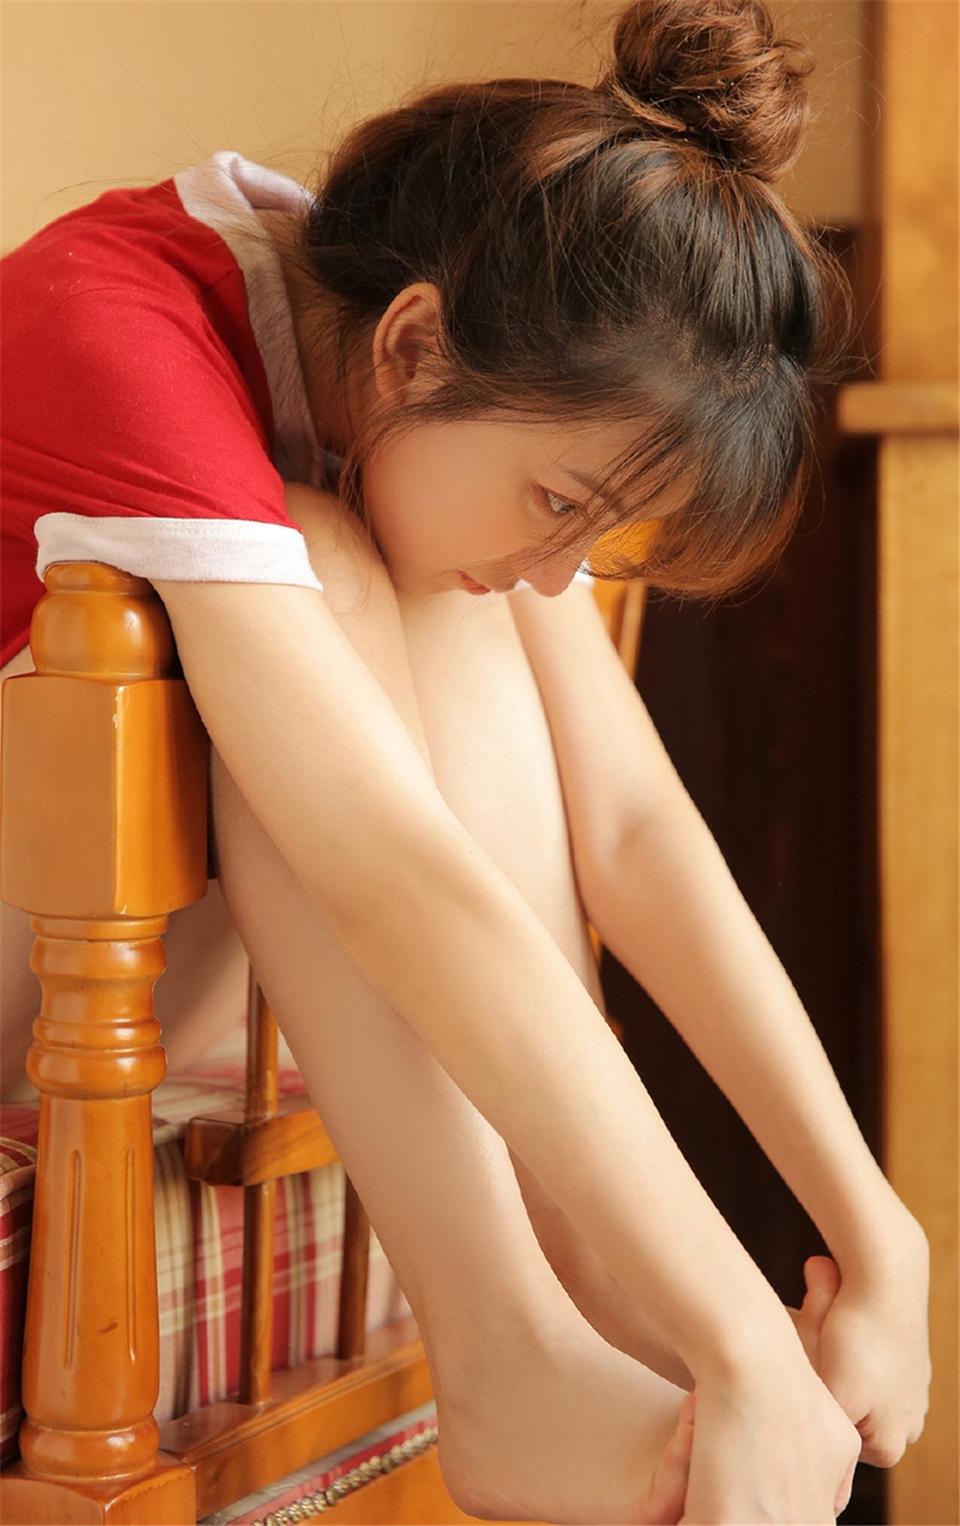 可爱甜心运动裤大长腿私房写真